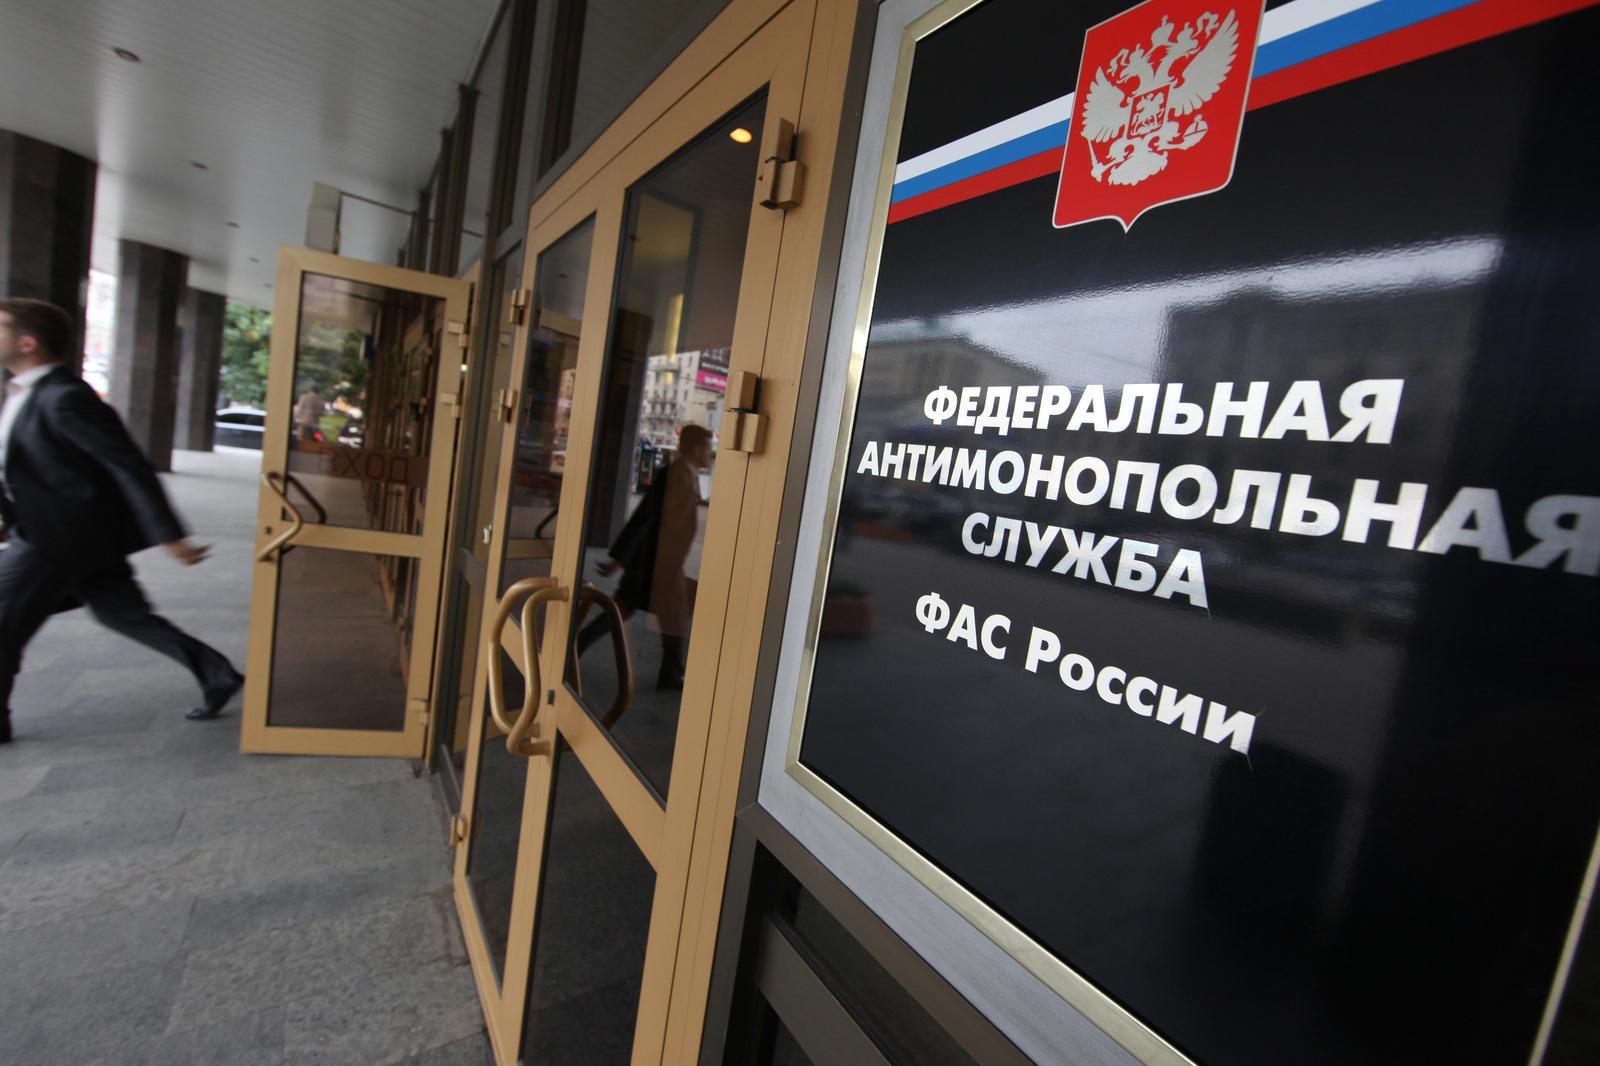 Чиновники из ФАС выбрали оператора налога на товары, купленные россиянами за границей - 1